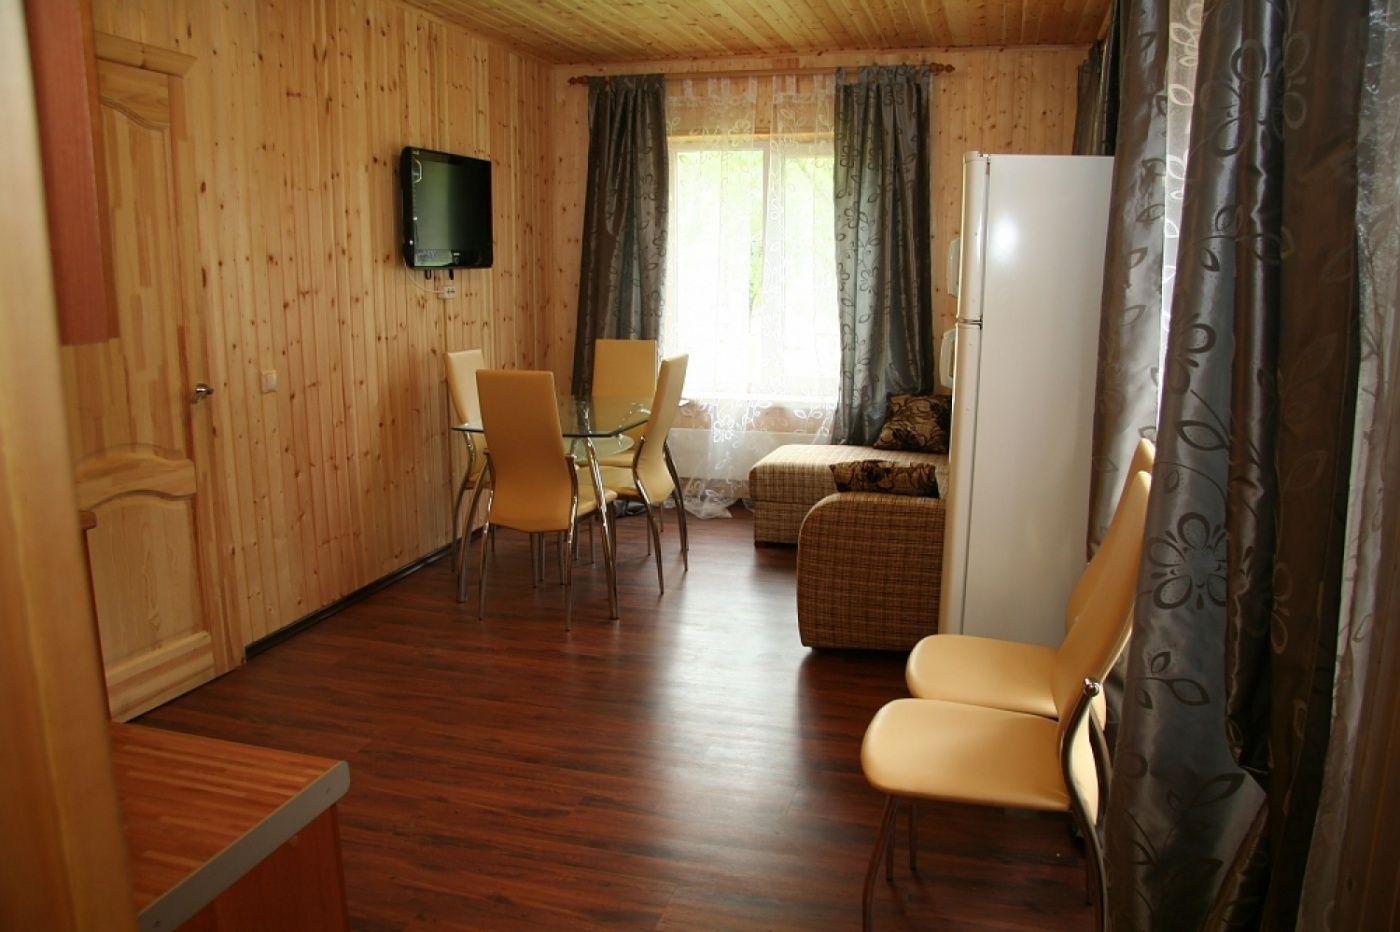 База отдыха «Соколинское» Ленинградская область 6-местный дом, фото 2